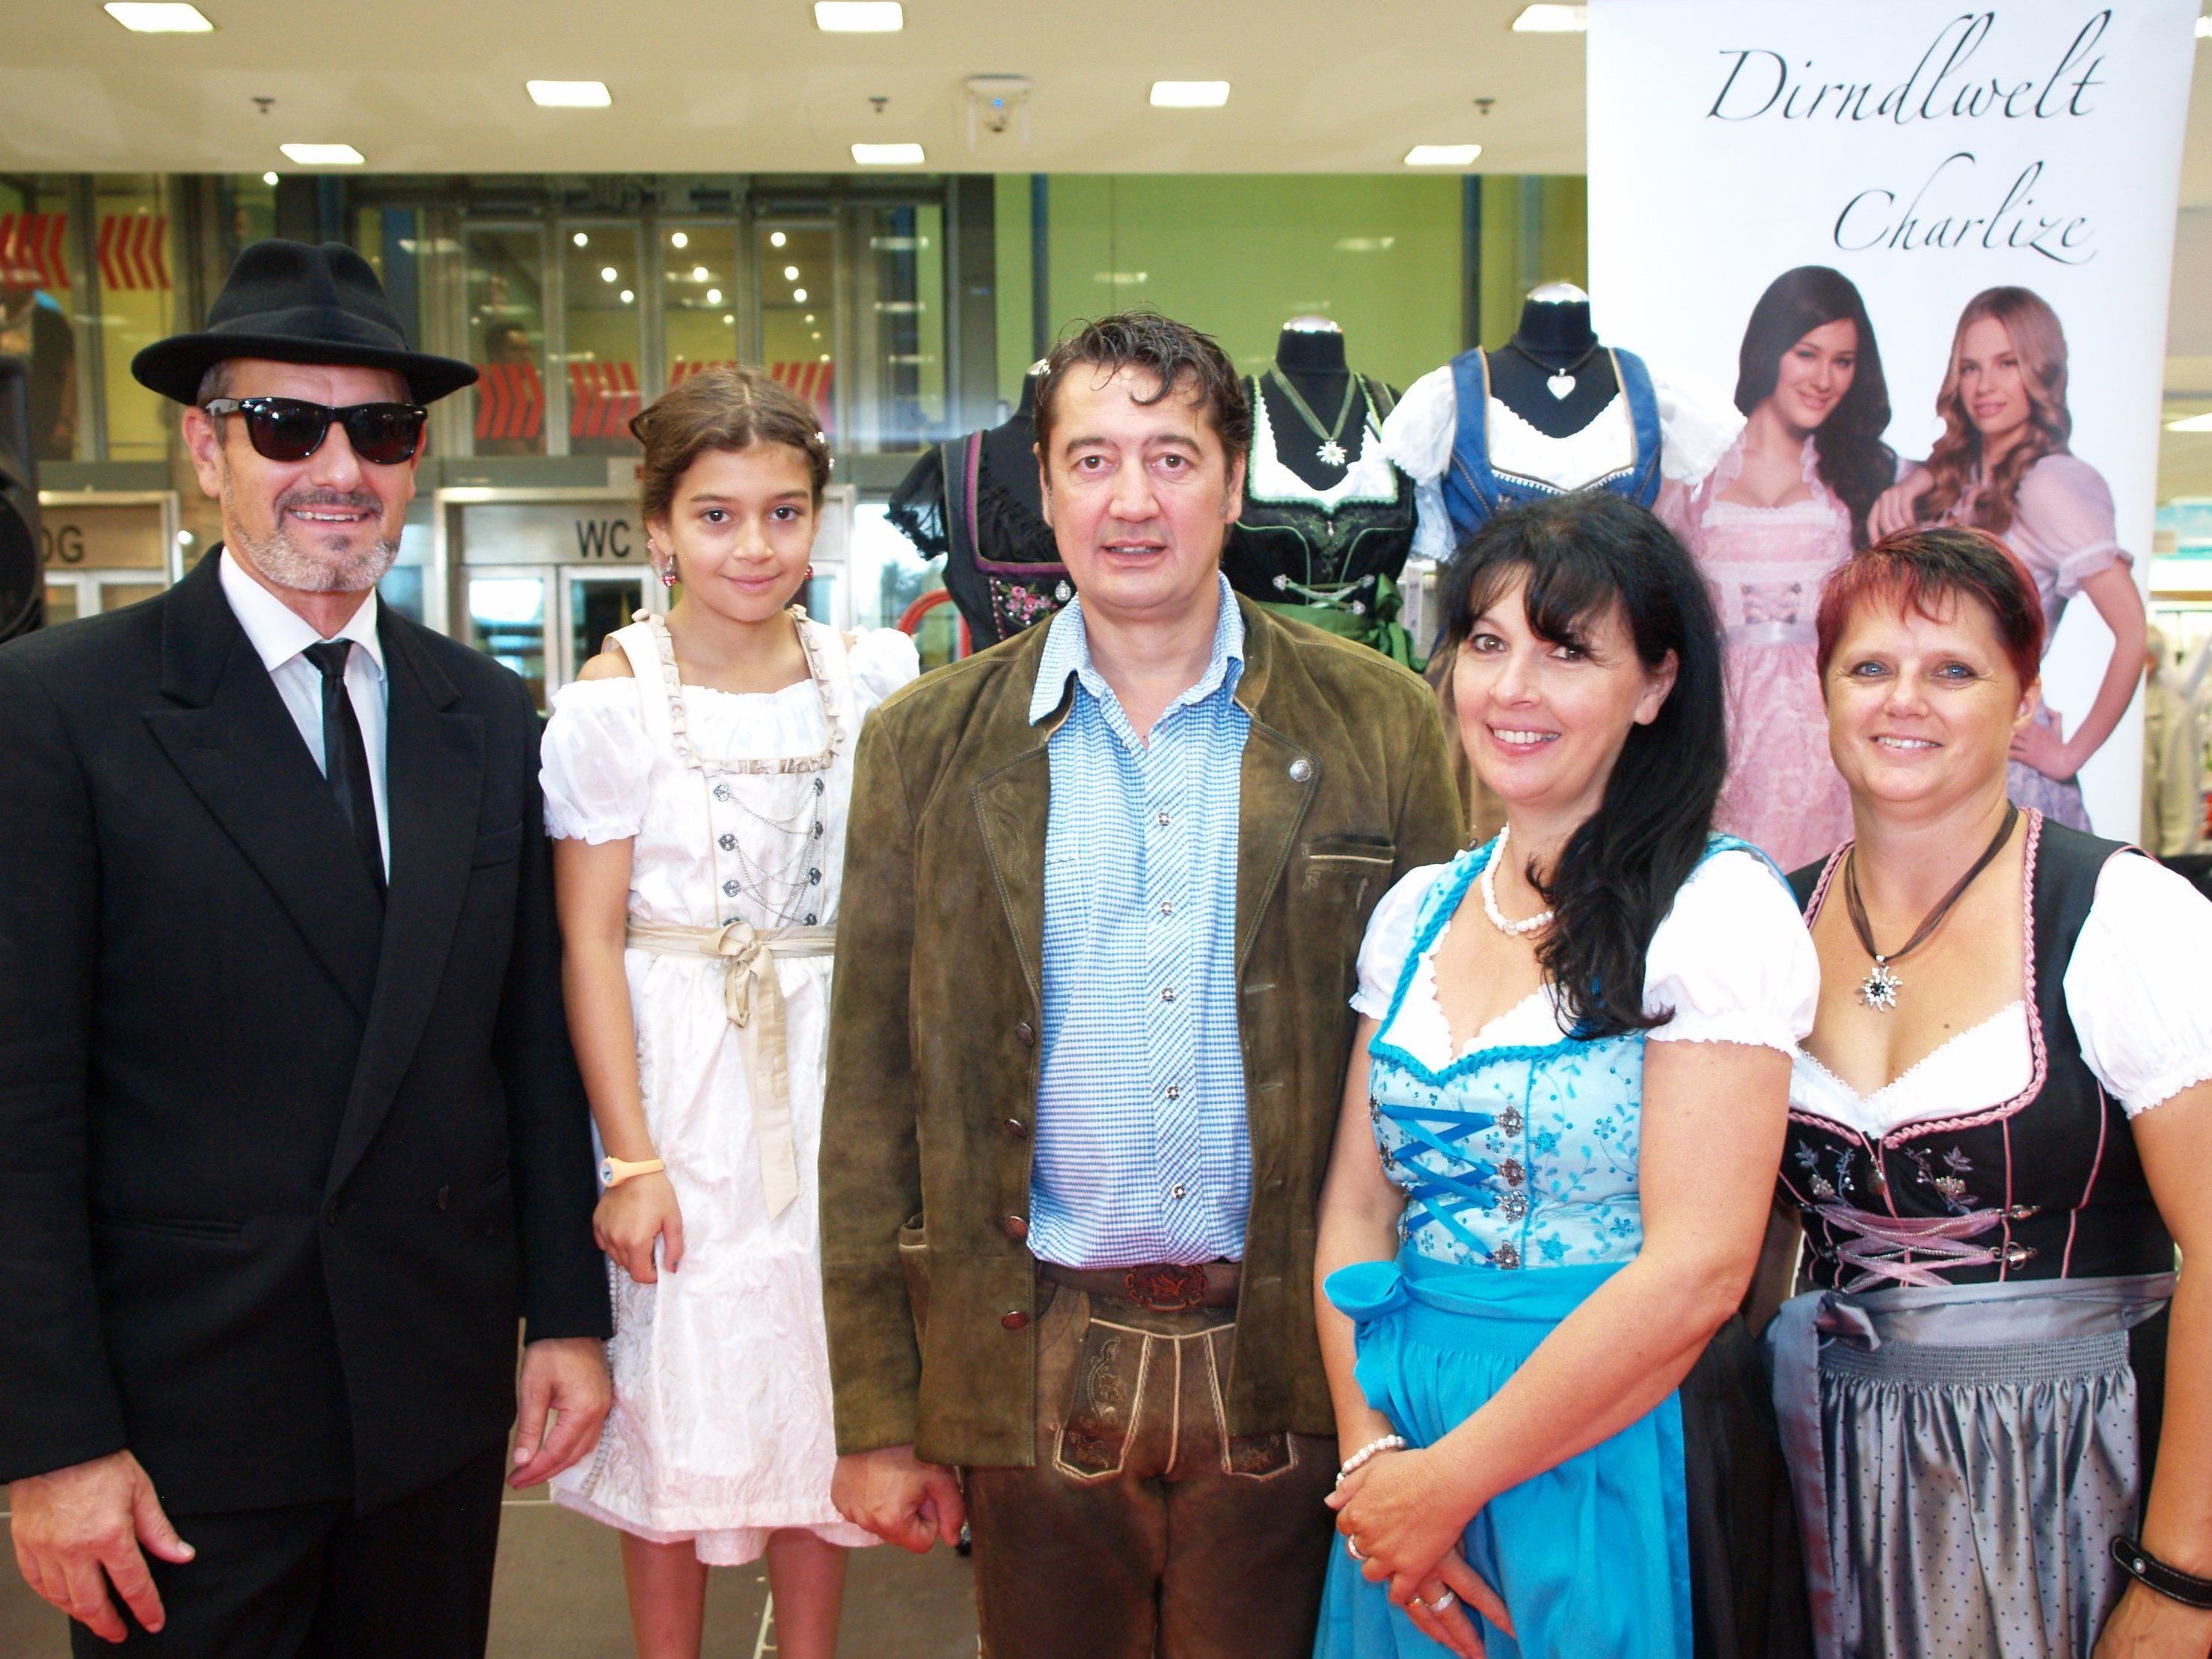 Eventmanager Hartwig Ender, Geschäftsführer Dietmar und Helga Mostegl mit Tochter Ida Maria und Mitarbeiterin Ingrid Mathis.